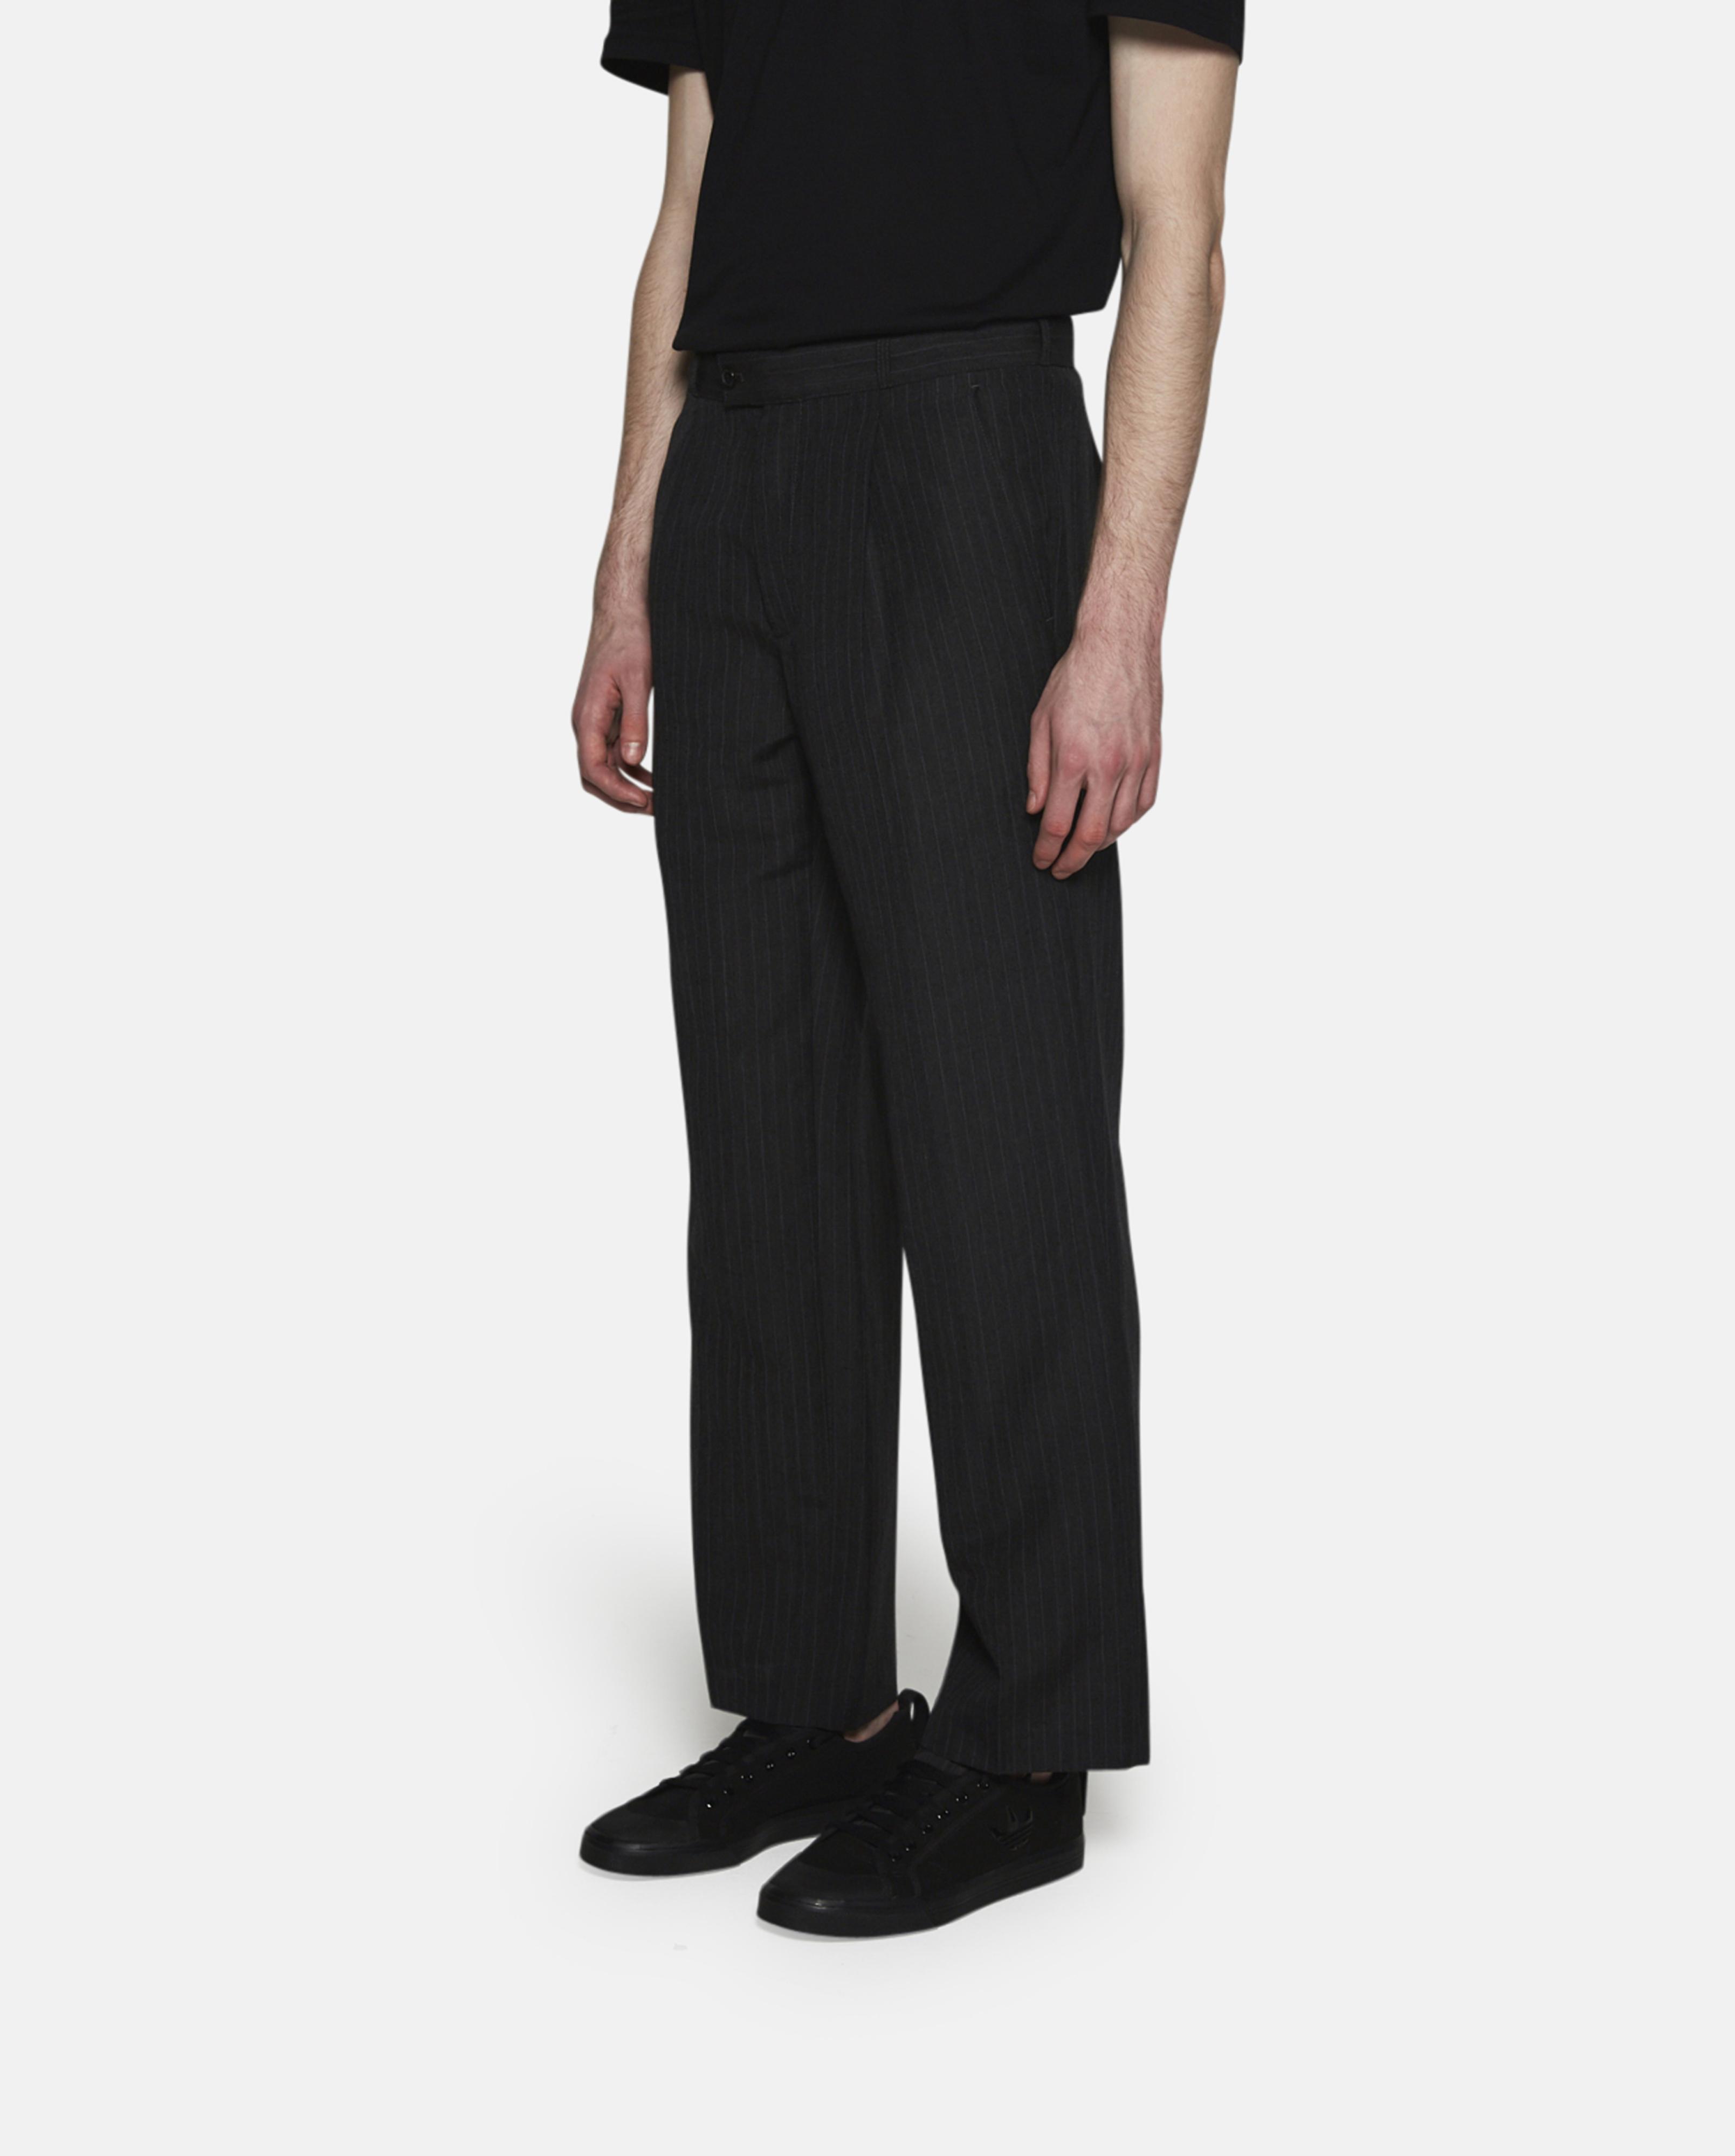 Gosha Rubchinskiy Wool Striped Suit Trousers in Black for Men